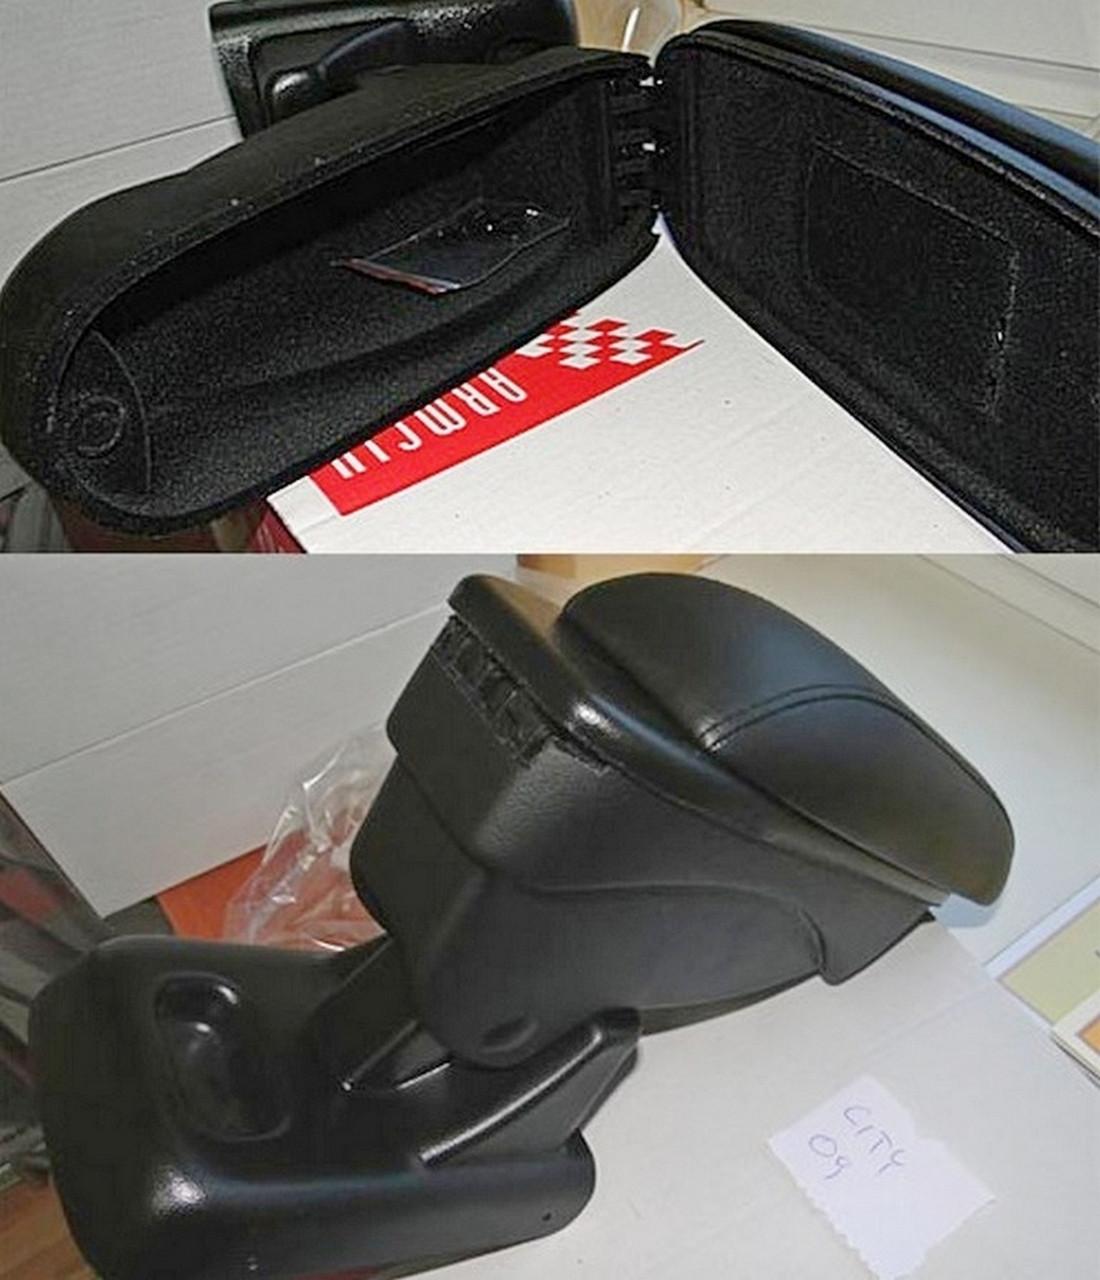 Підлокітник Armcik S1 з зсувною кришкою для Honda City 2002-2008, фото 4